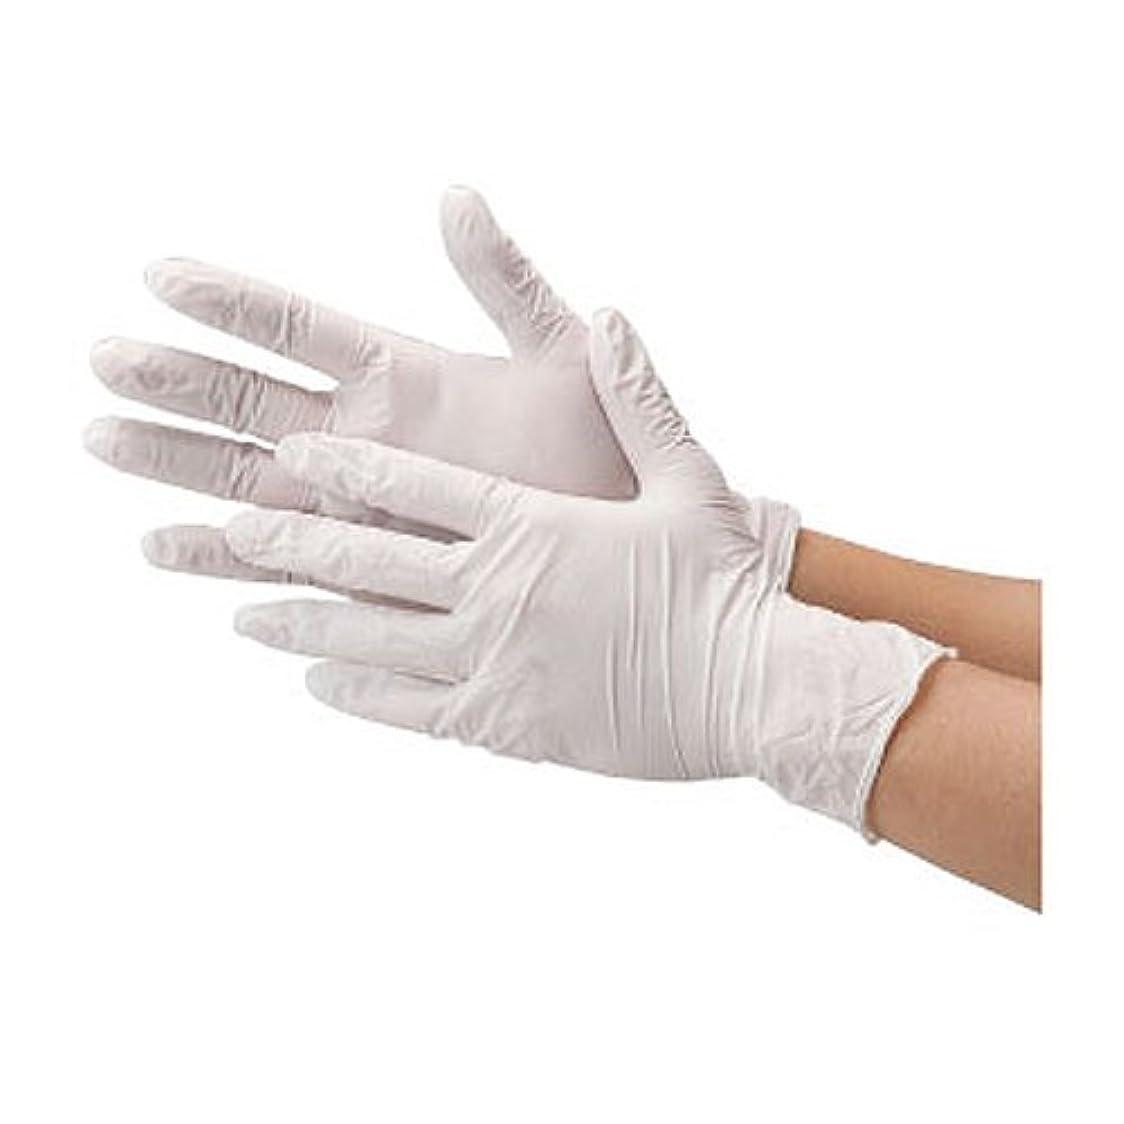 対出身地割り当てます川西工業 ニトリル 使いきり手袋 ストロング 粉無 100枚入り 2037 ホワイトL